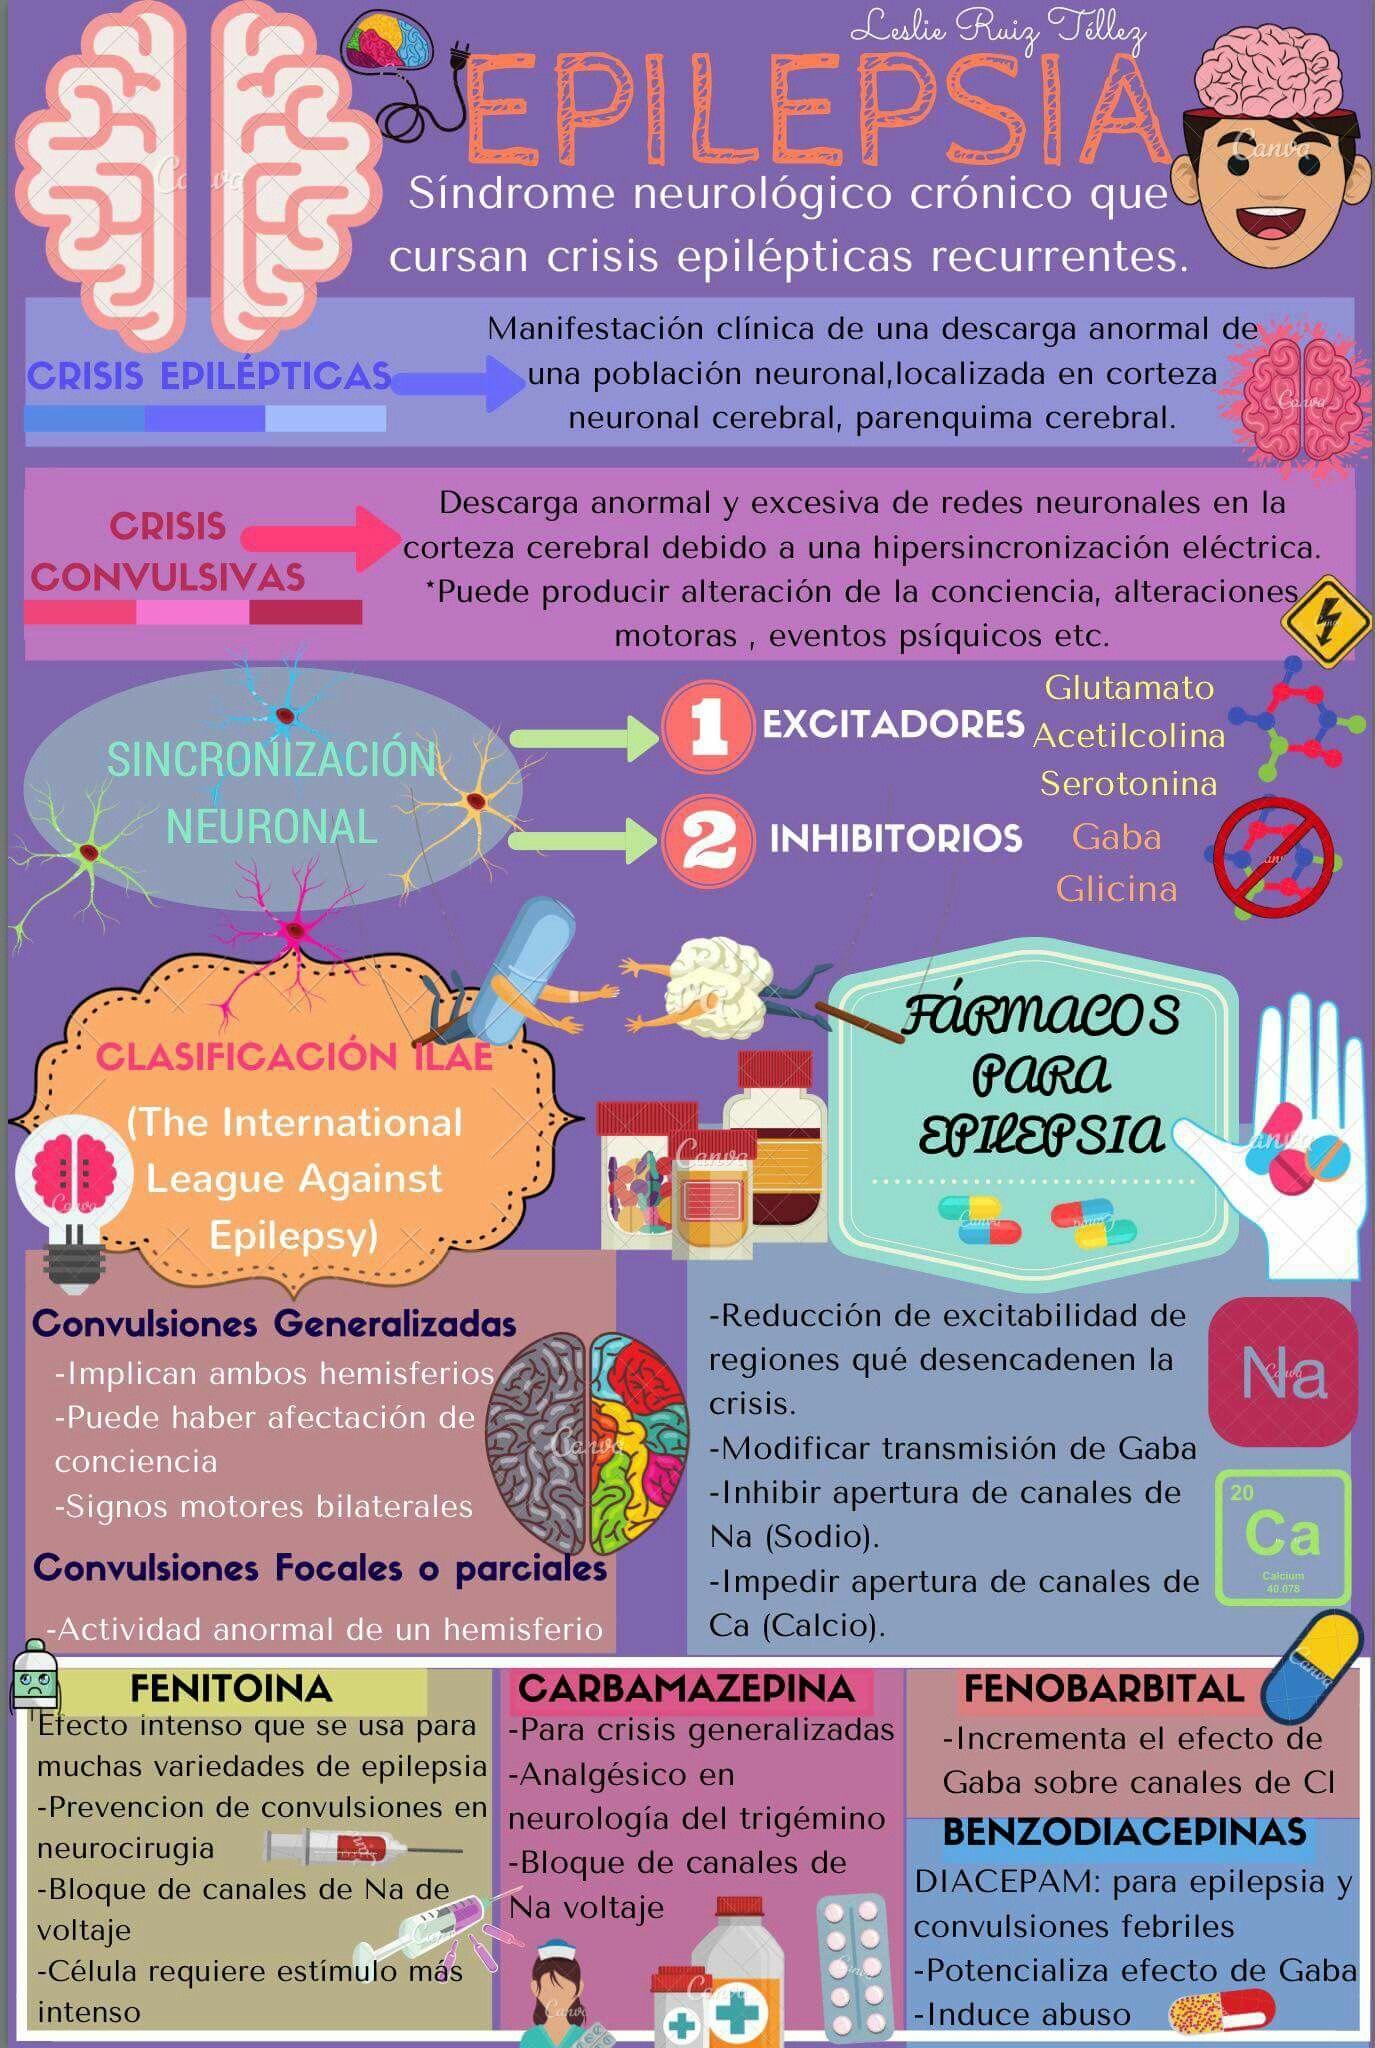 Pin de Itzel en Anatomía y Fisiología Humana | Pinterest ...